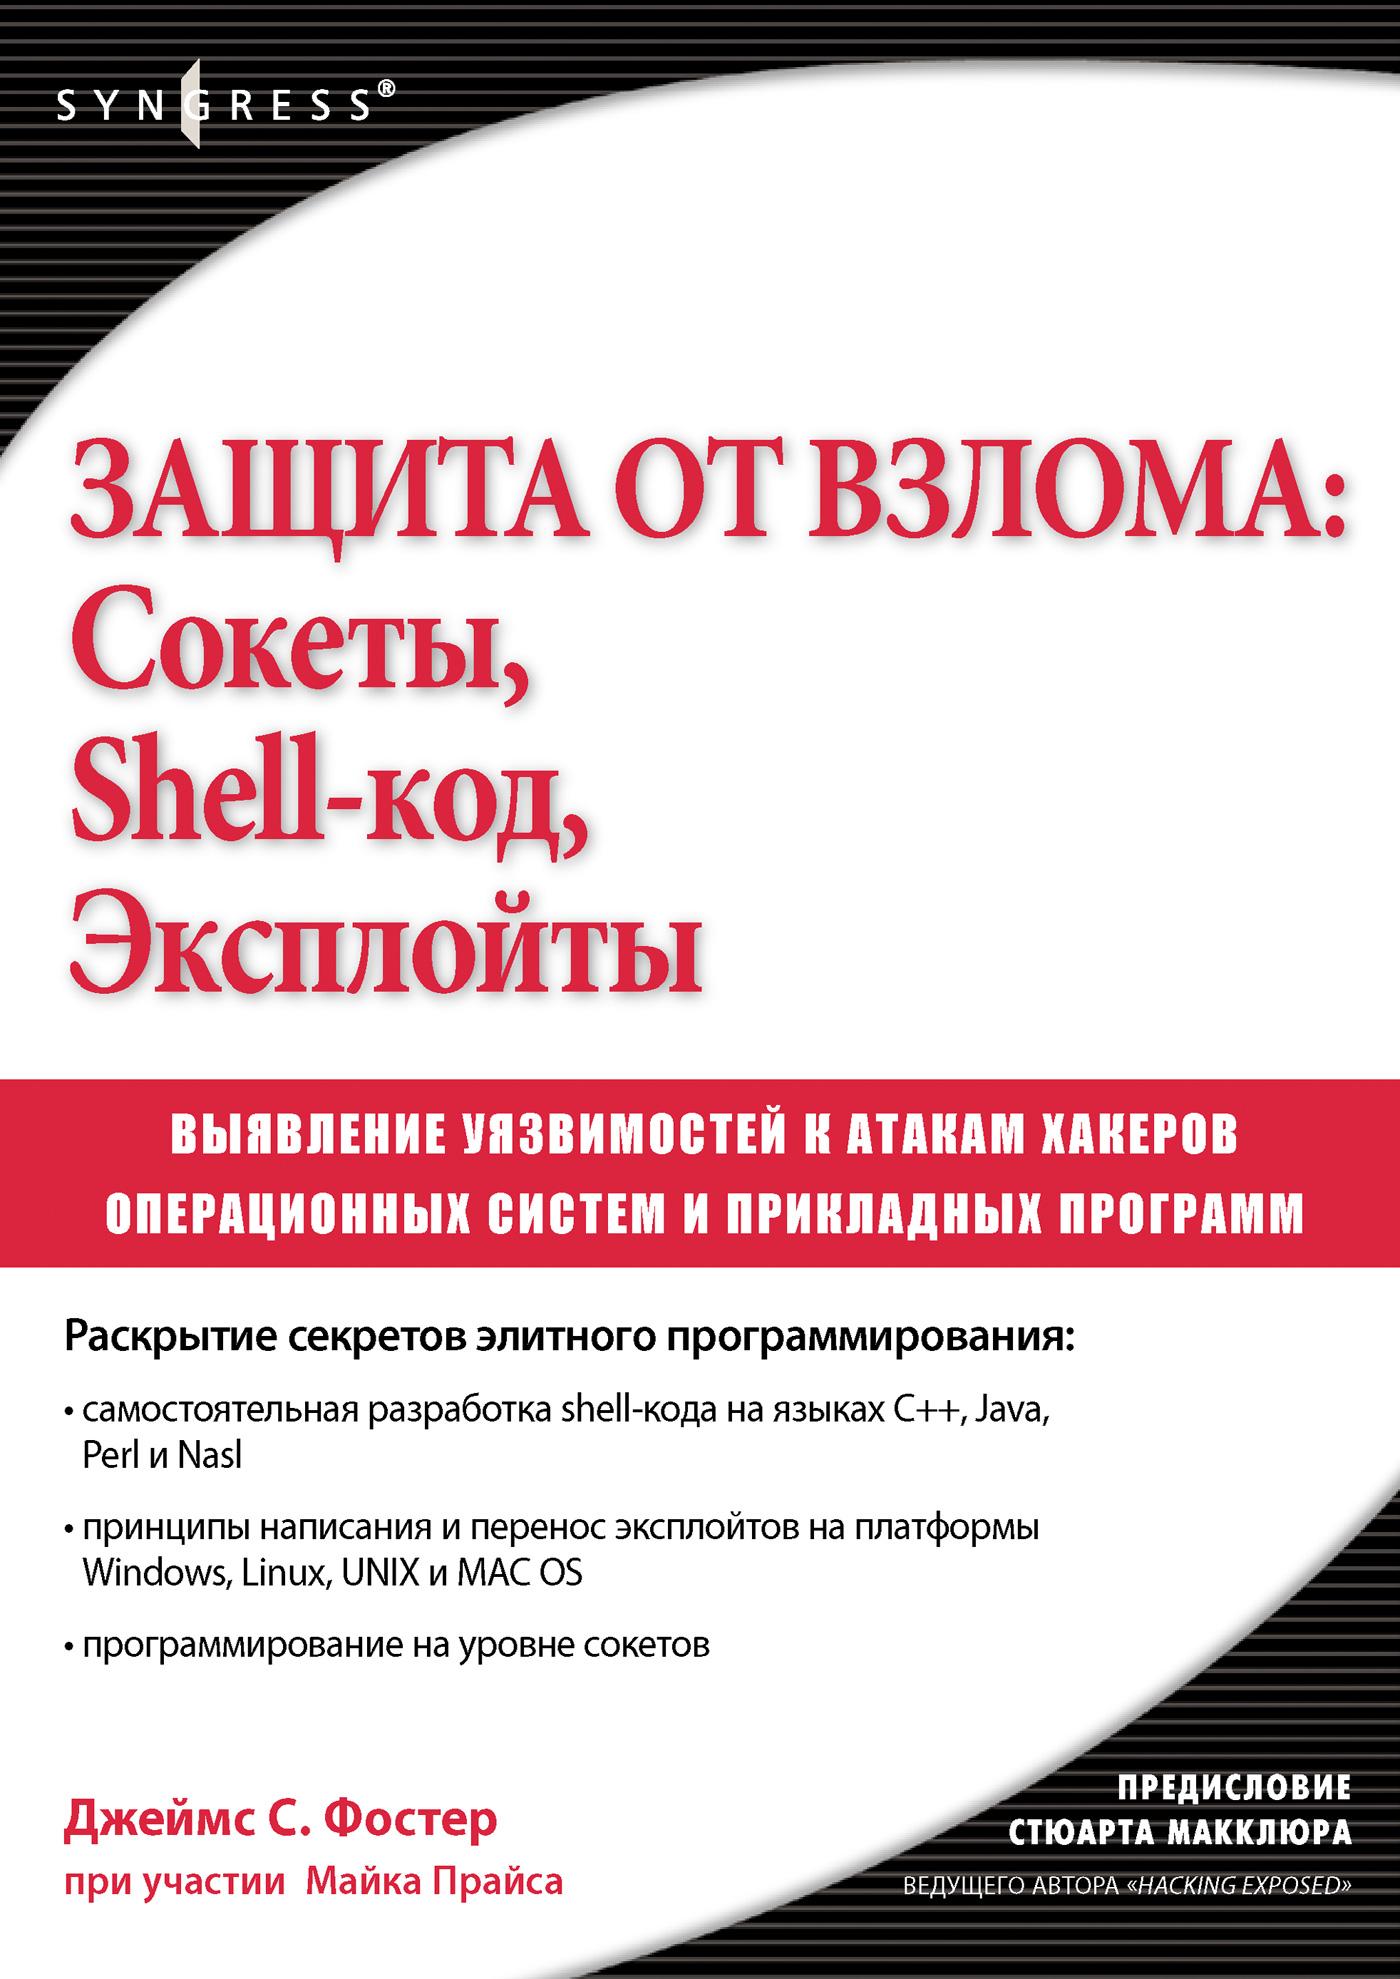 Защита от взлома: сокеты, shell-код, эксплойты